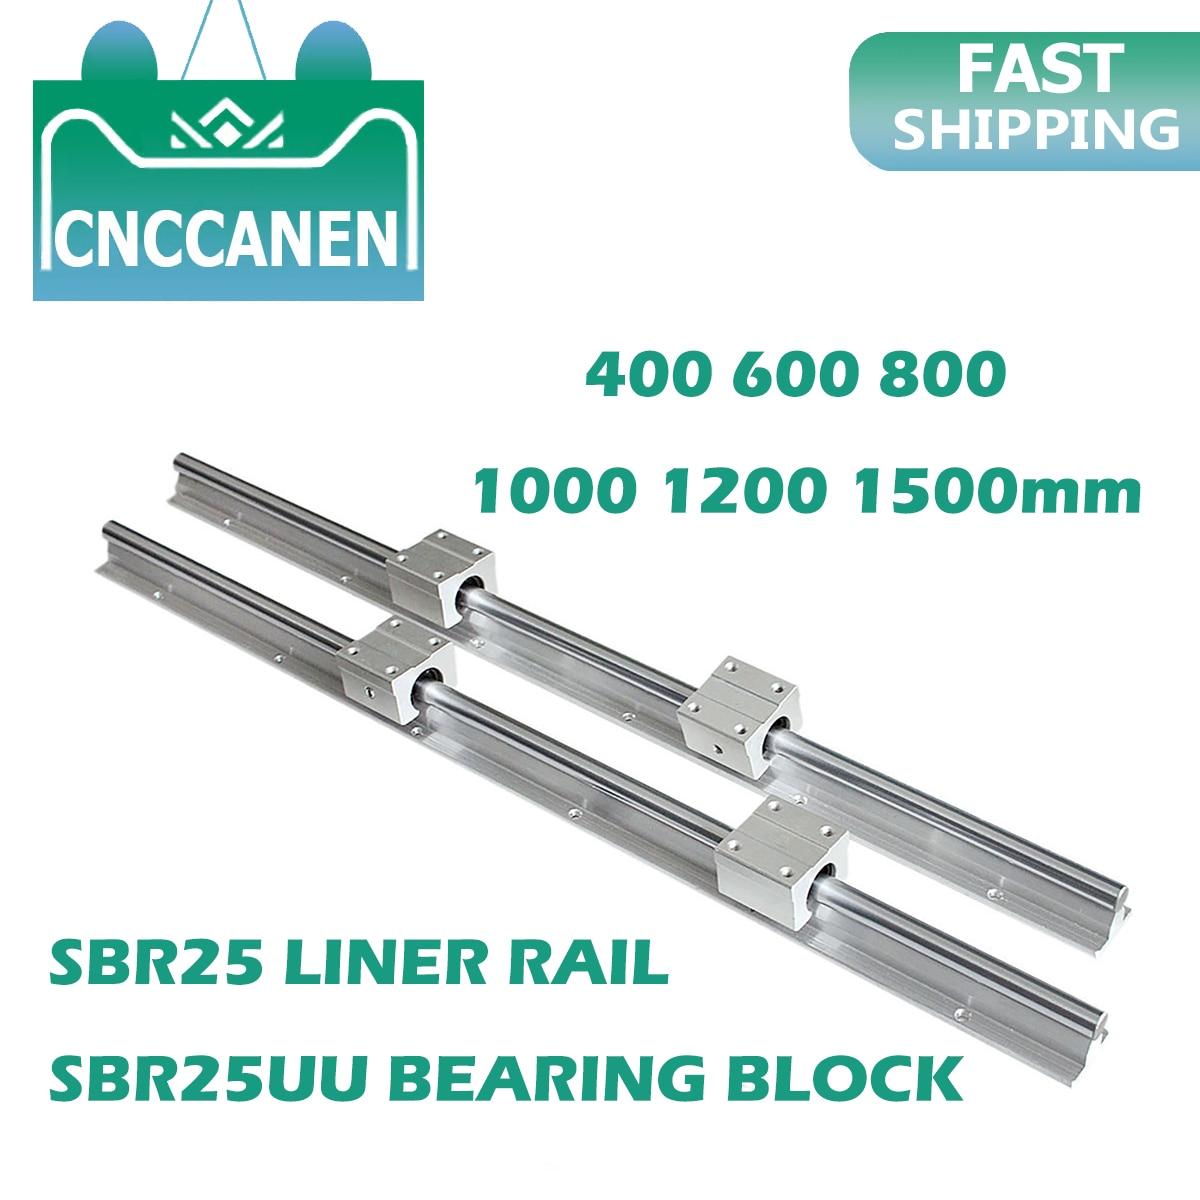 2 قطعة SBR25 الخطي دليل السكك الحديدية 400 500 600 800 1000 1200 1500 مللي متر + 4 قطعة SBR25UU الخطي تحمل كتلة خطي السكك الحديدية مجموعة